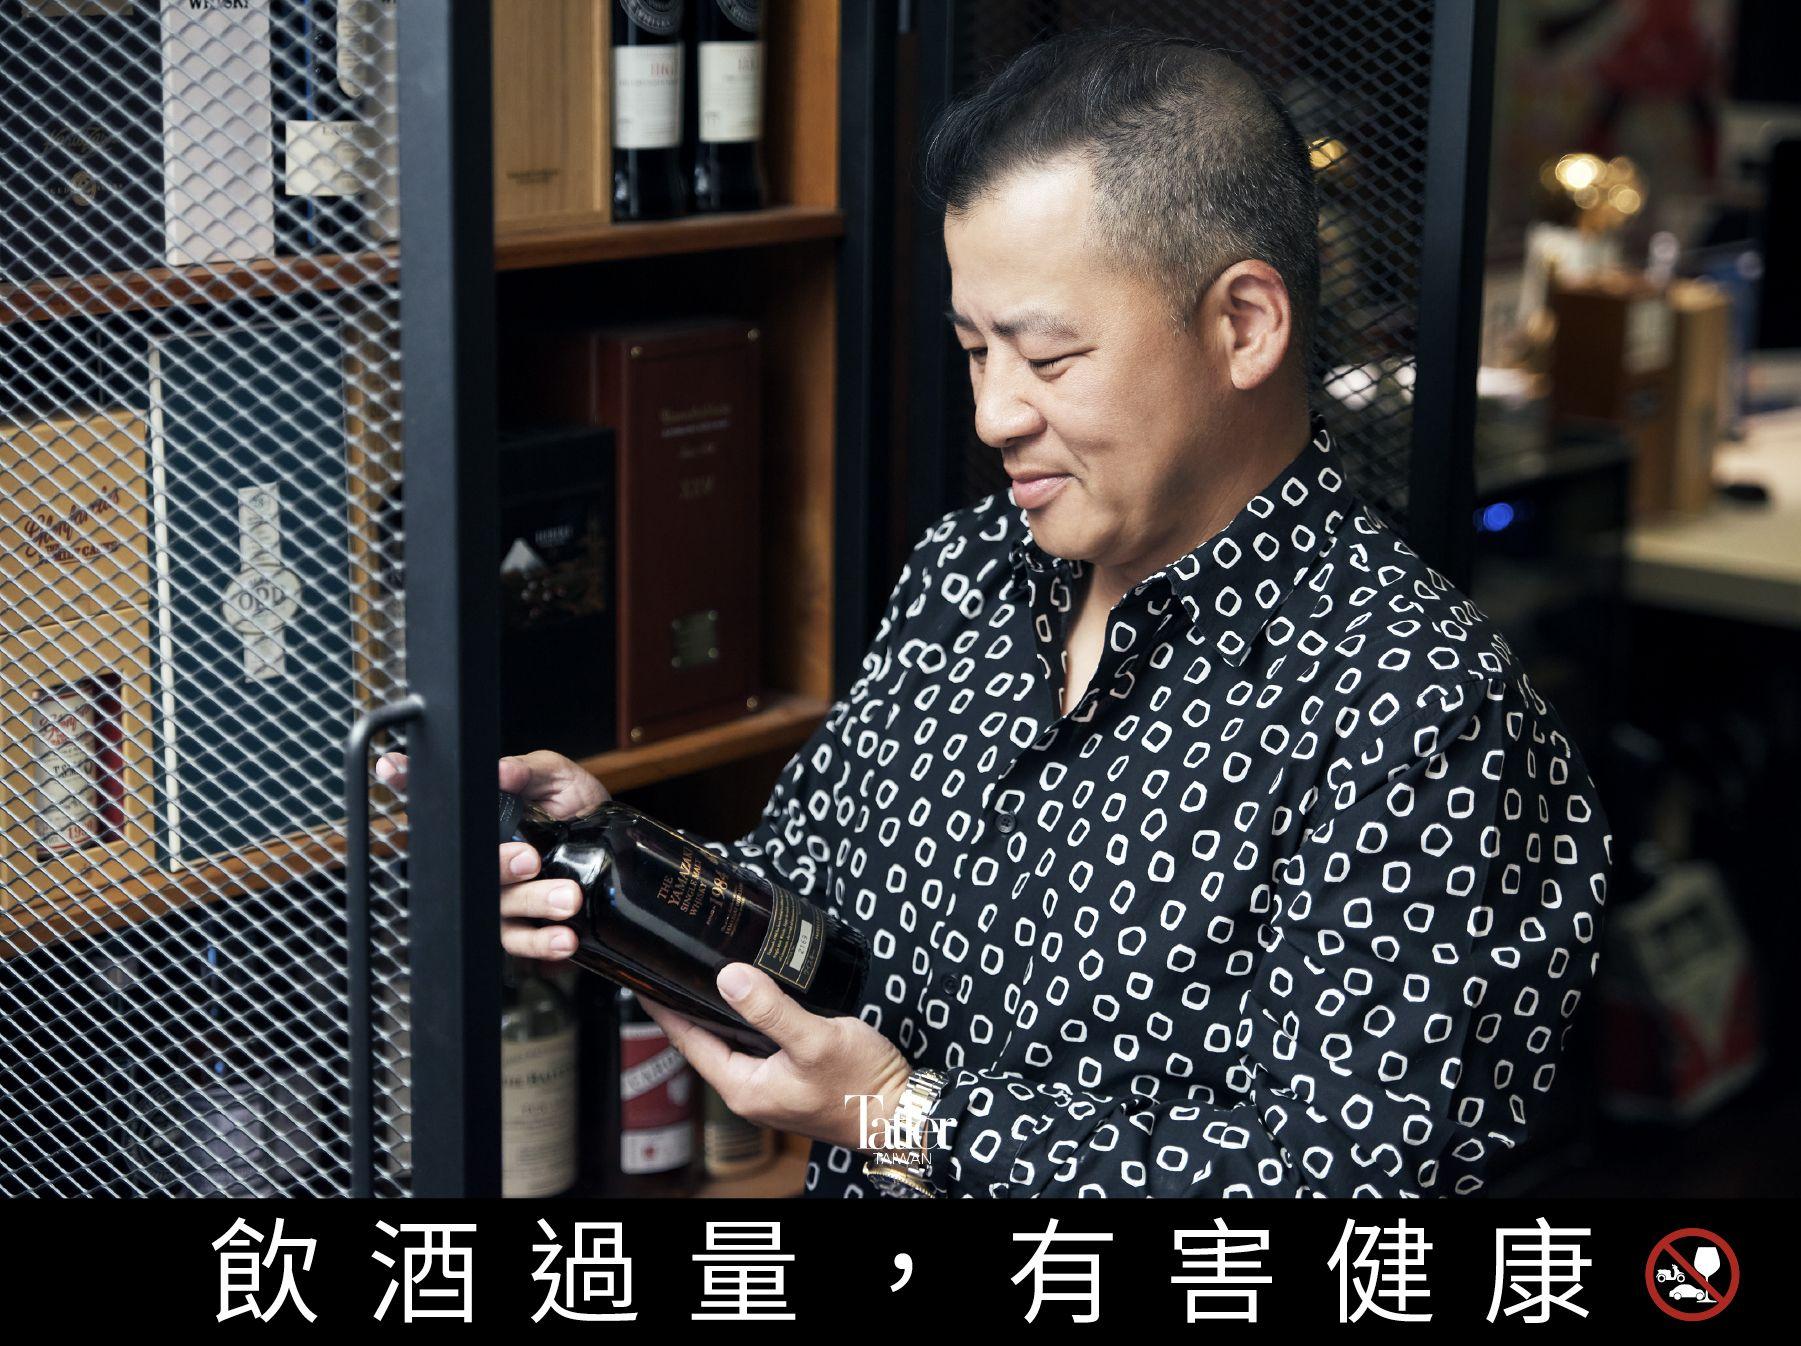 「收藏最大的樂趣,是和懂得的人一同分享」——專訪酒品藏家陳昱龍